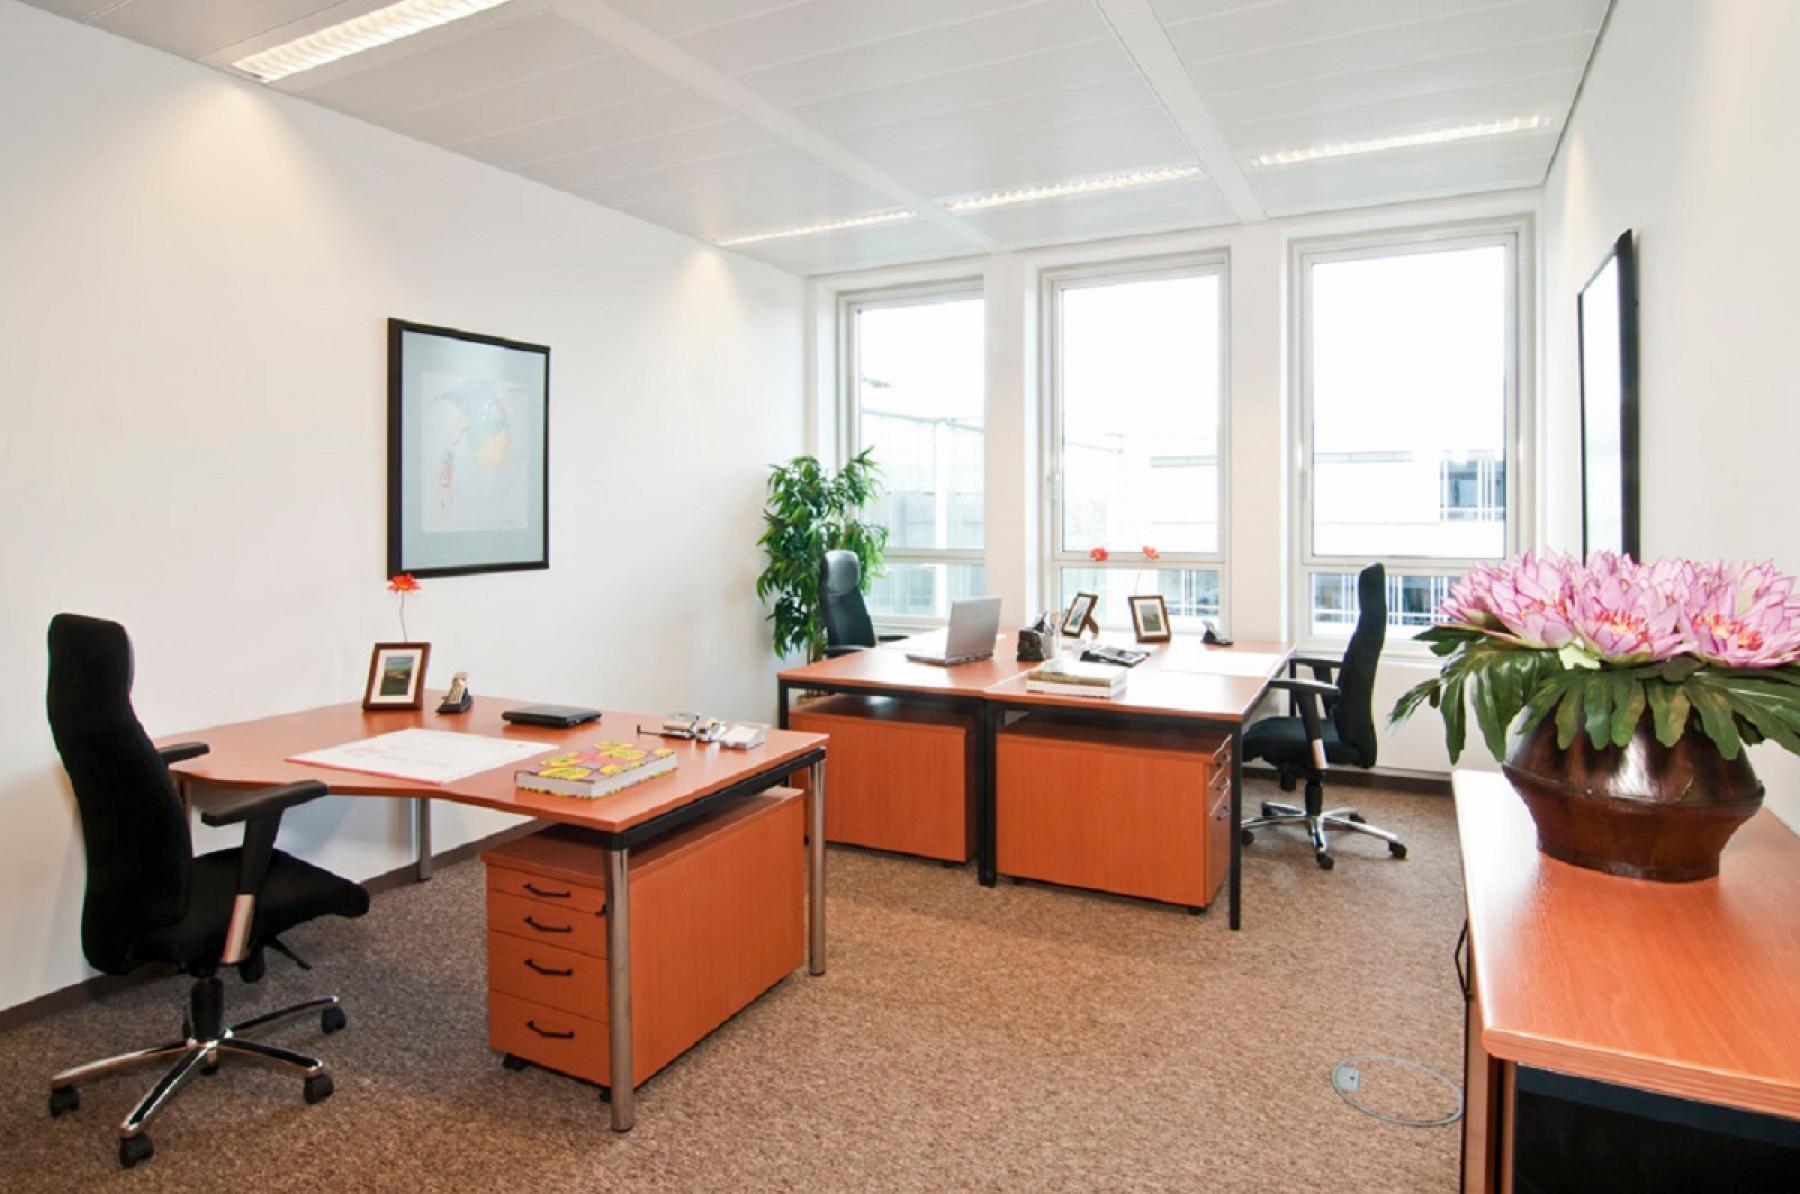 Büro mieten Landshuter Allee 8-10, München (11)